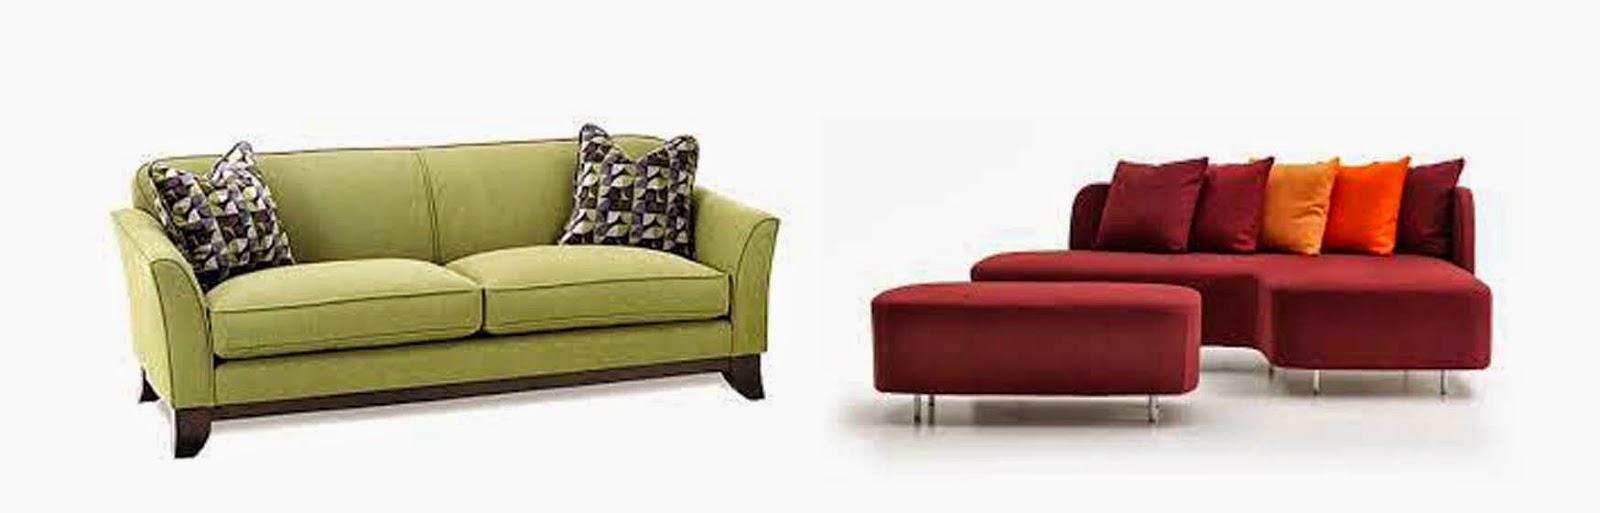 daftar harga sofa tamu minimalis: Cara memilih harga kursi sofa minimalis terbaru berkualitas 2017